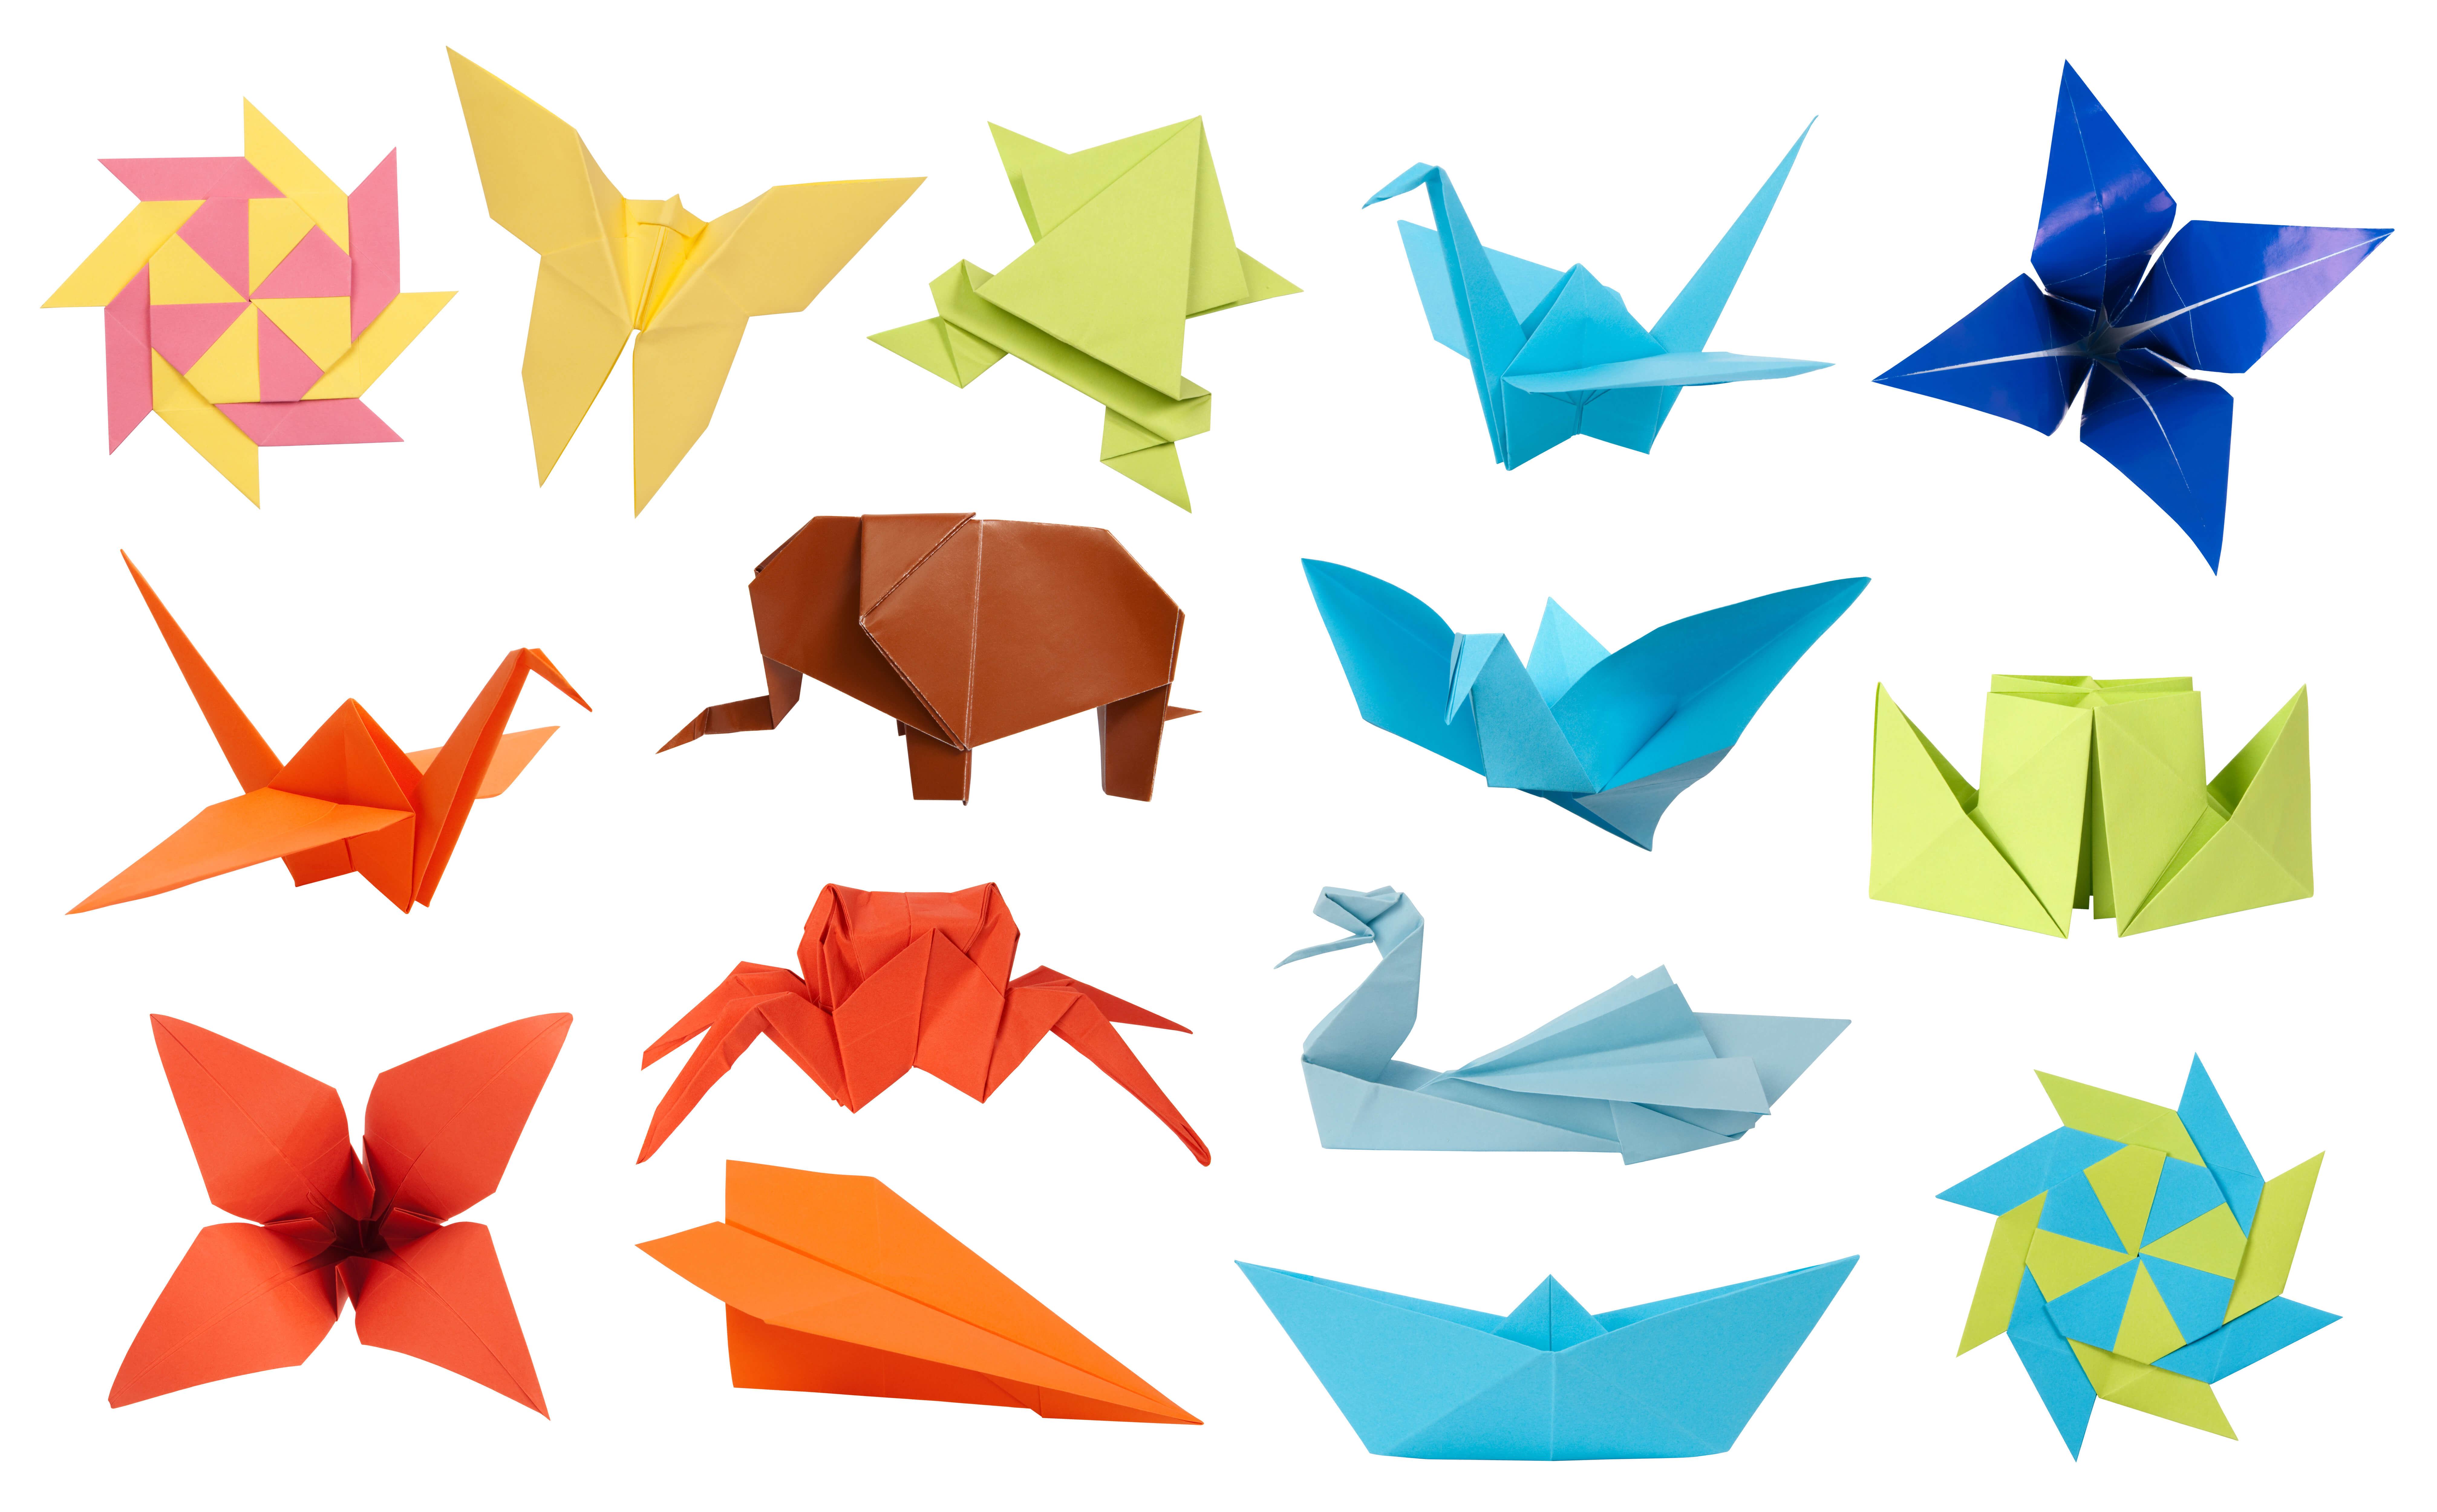 Wydruki bankowe, z których można tworzyć origami? Czemu nie!